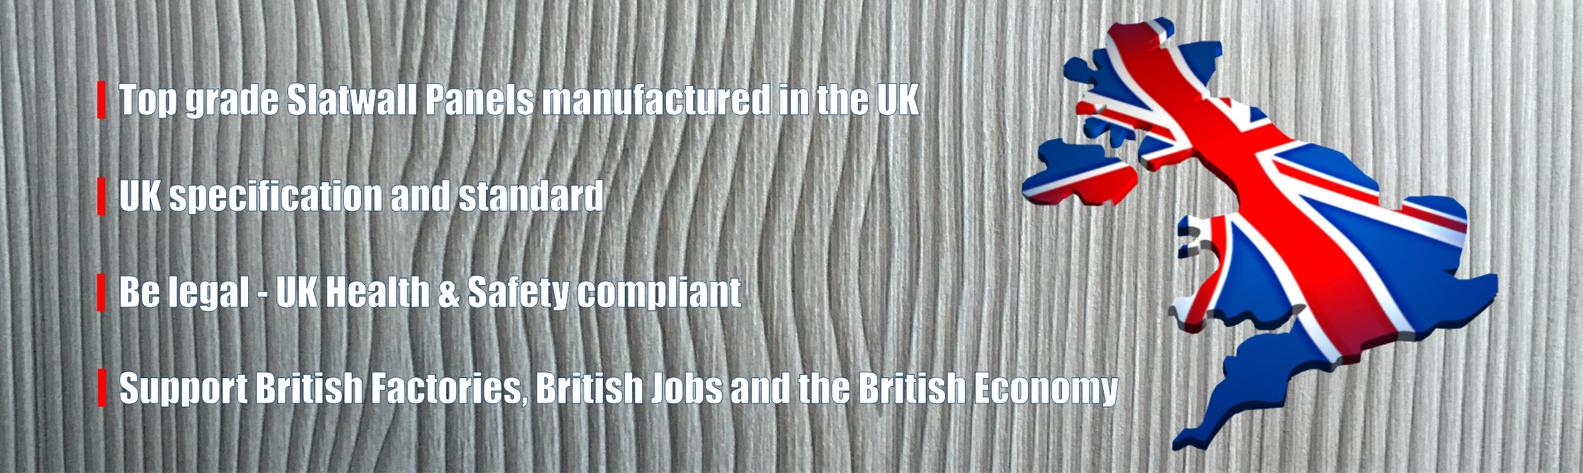 UK Slatwall Panels - What's The Fuss